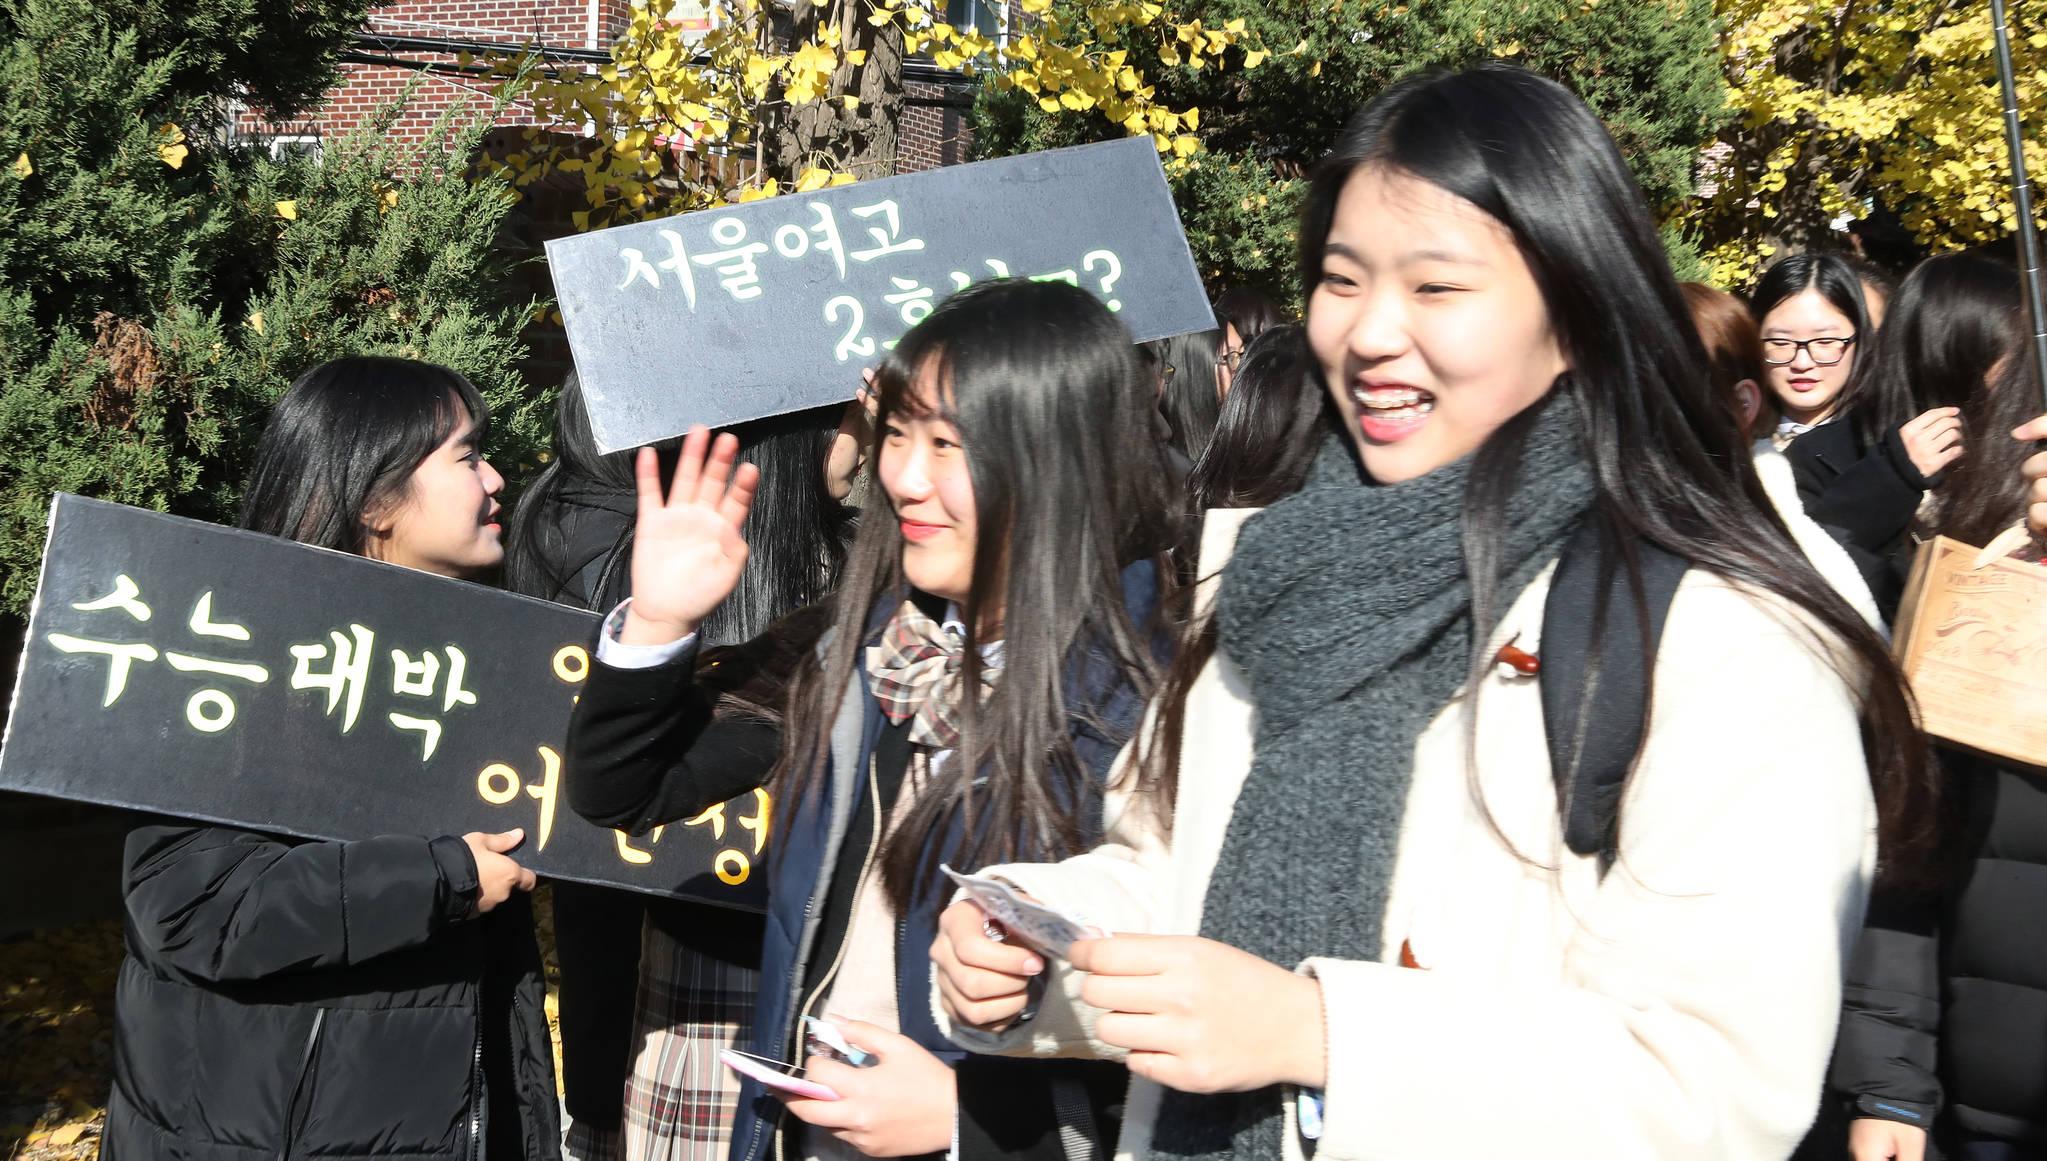 서울여고에서 후배들의 응원을 받으며 고3 수험생들이 학교를 나서고 있다. 우상조 기자